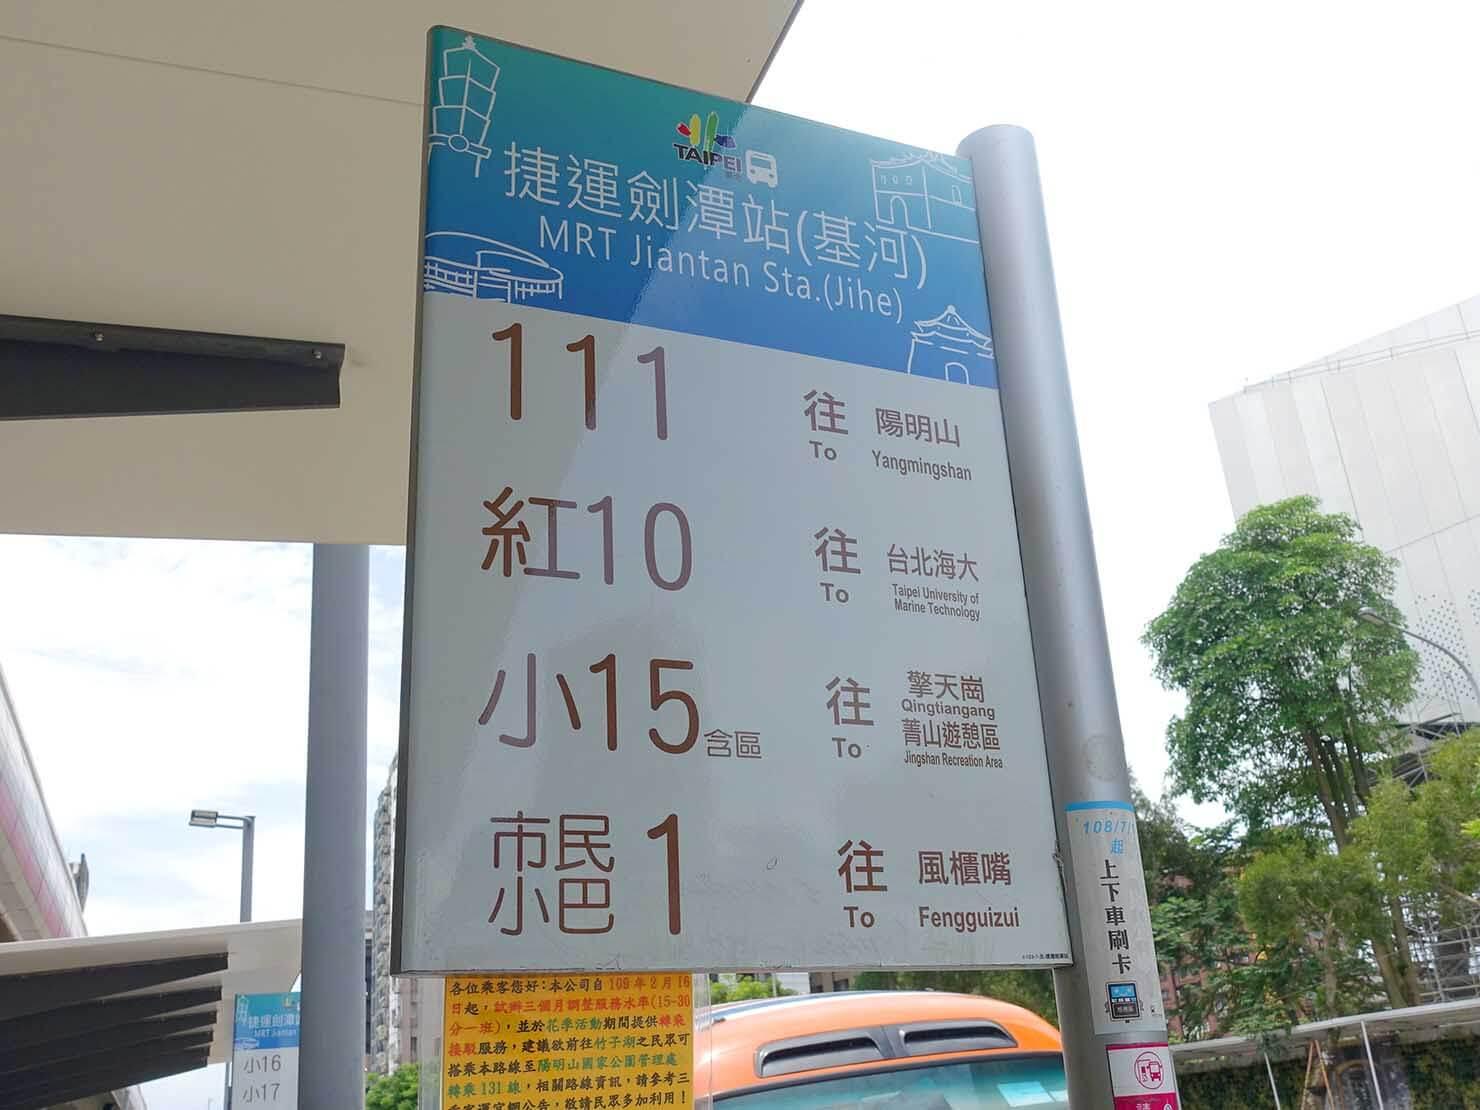 台北MRT・劍潭駅から陽明山へ向かうバス停